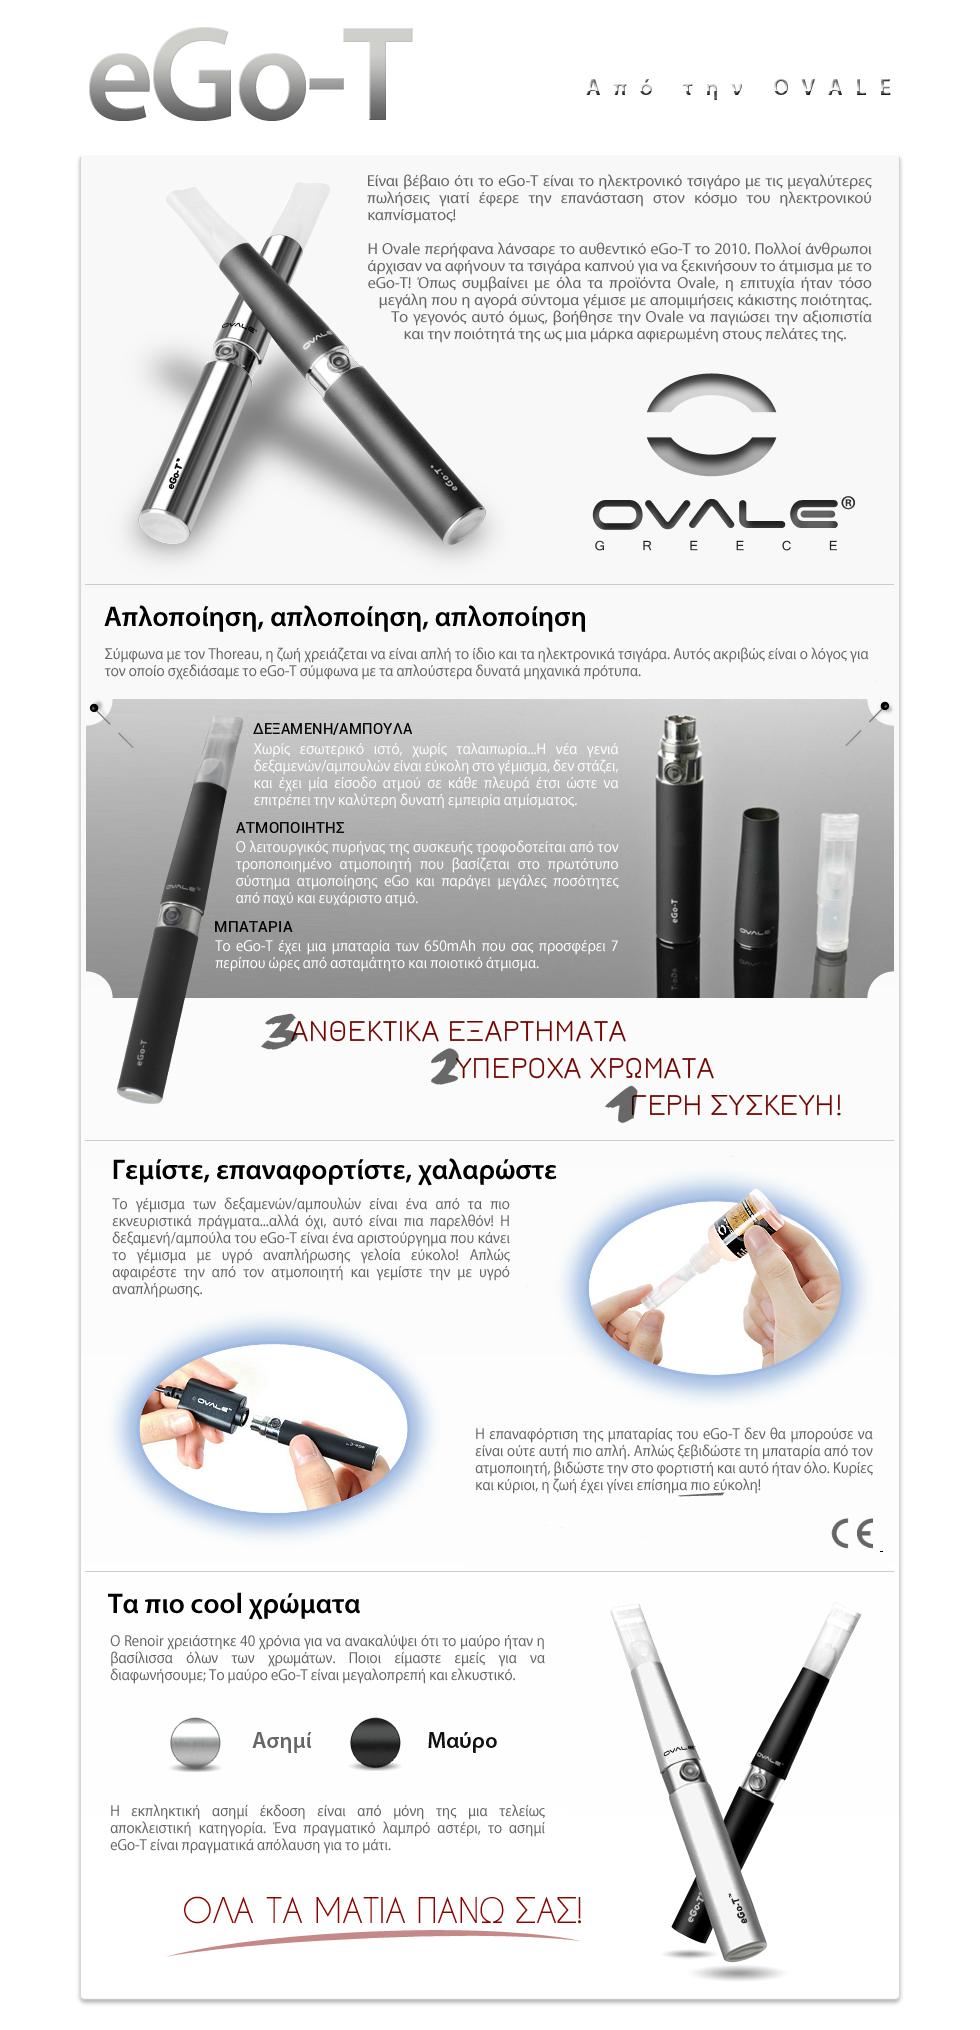 ηλεκτρονικό τσιγάρο, υγρό αναπλήρωσης ηλεκτρονικού τσιγάρου, κόψιμο καπνίσματος, ovale, joyetech, ego